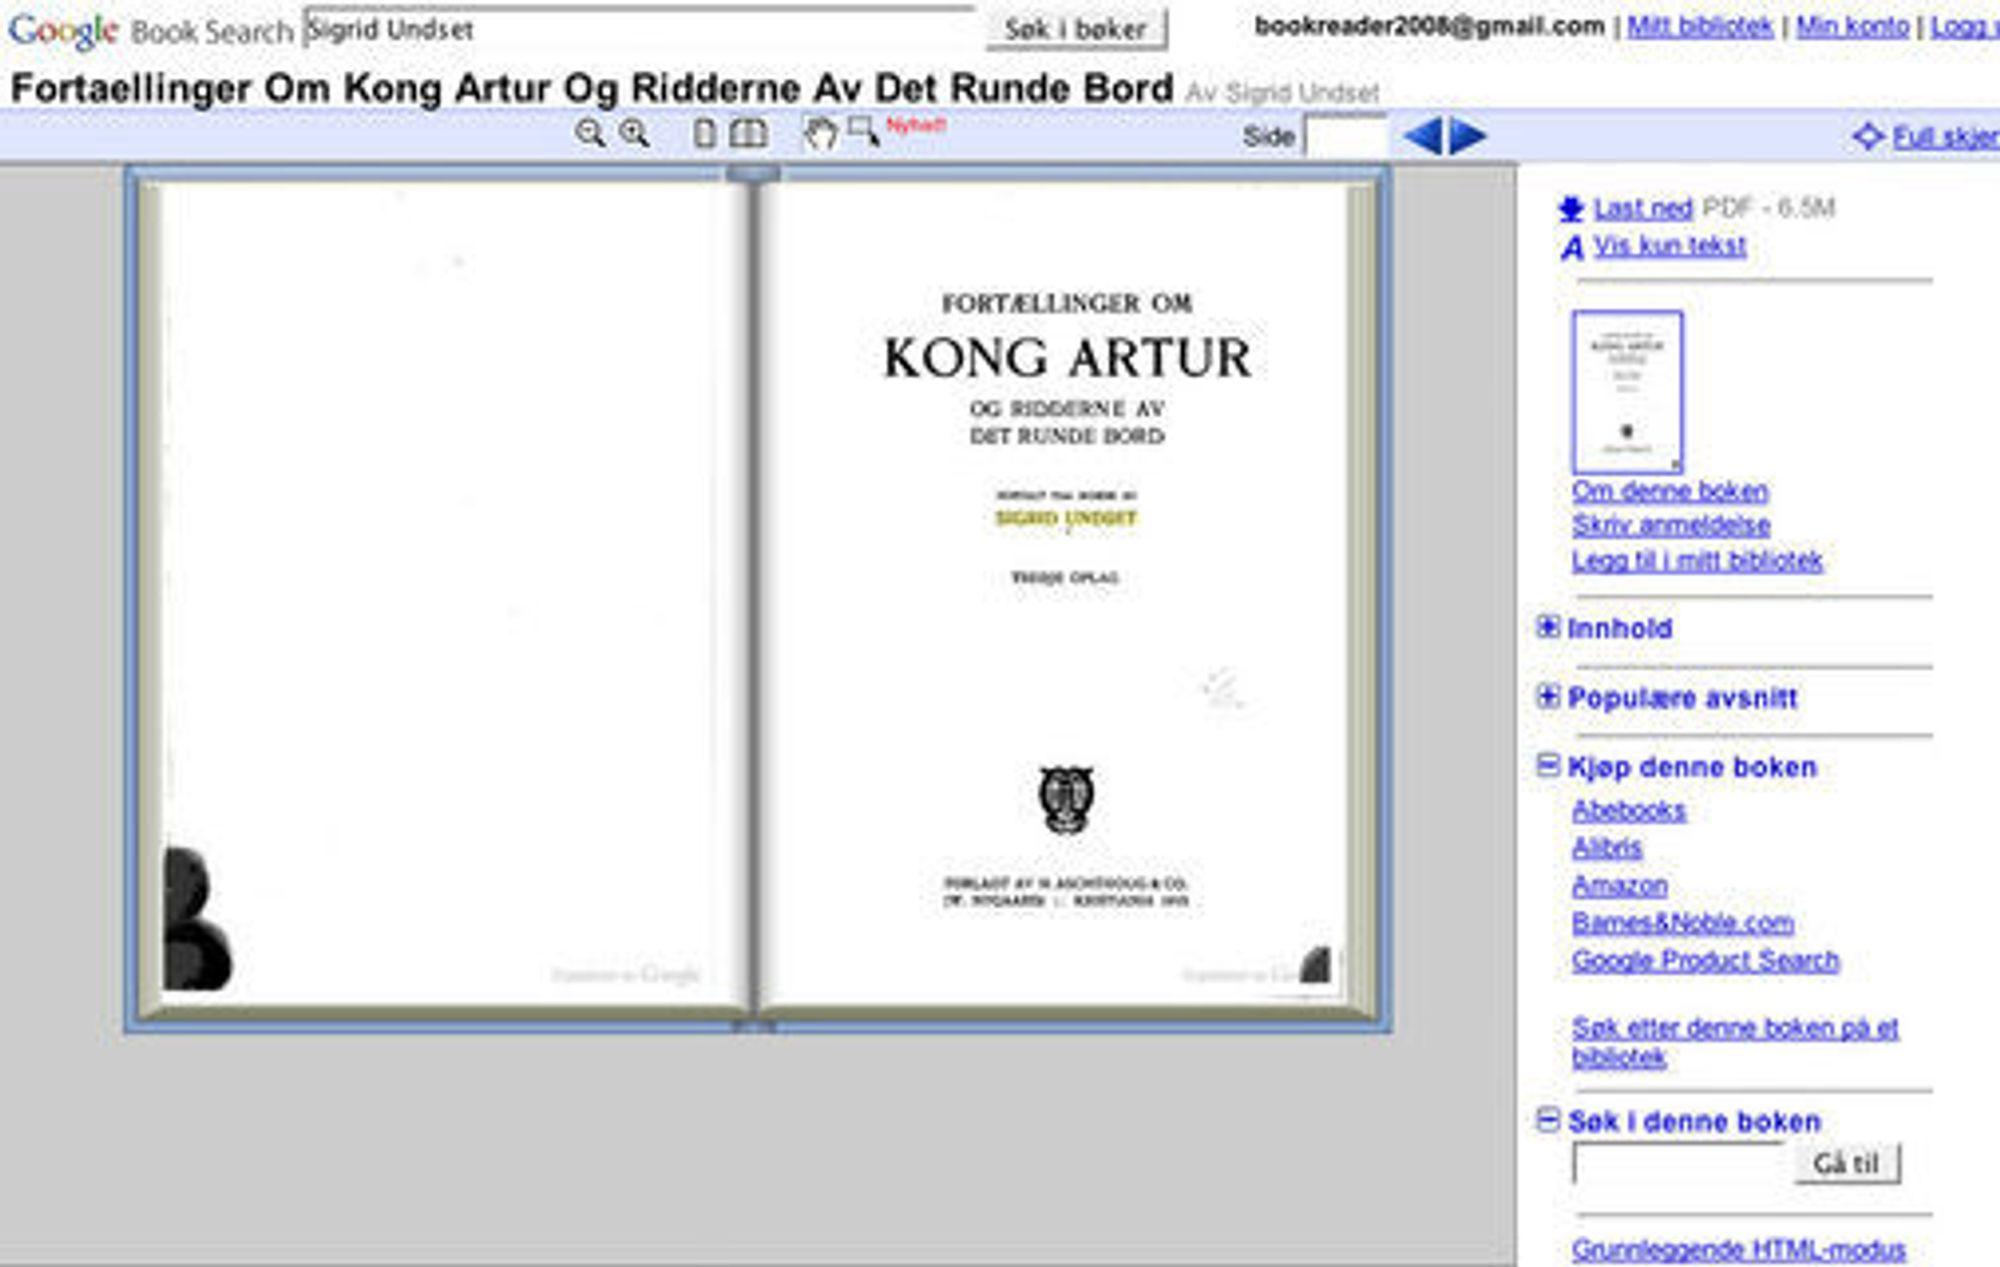 Eksempel på Google-søk i skannet bok.